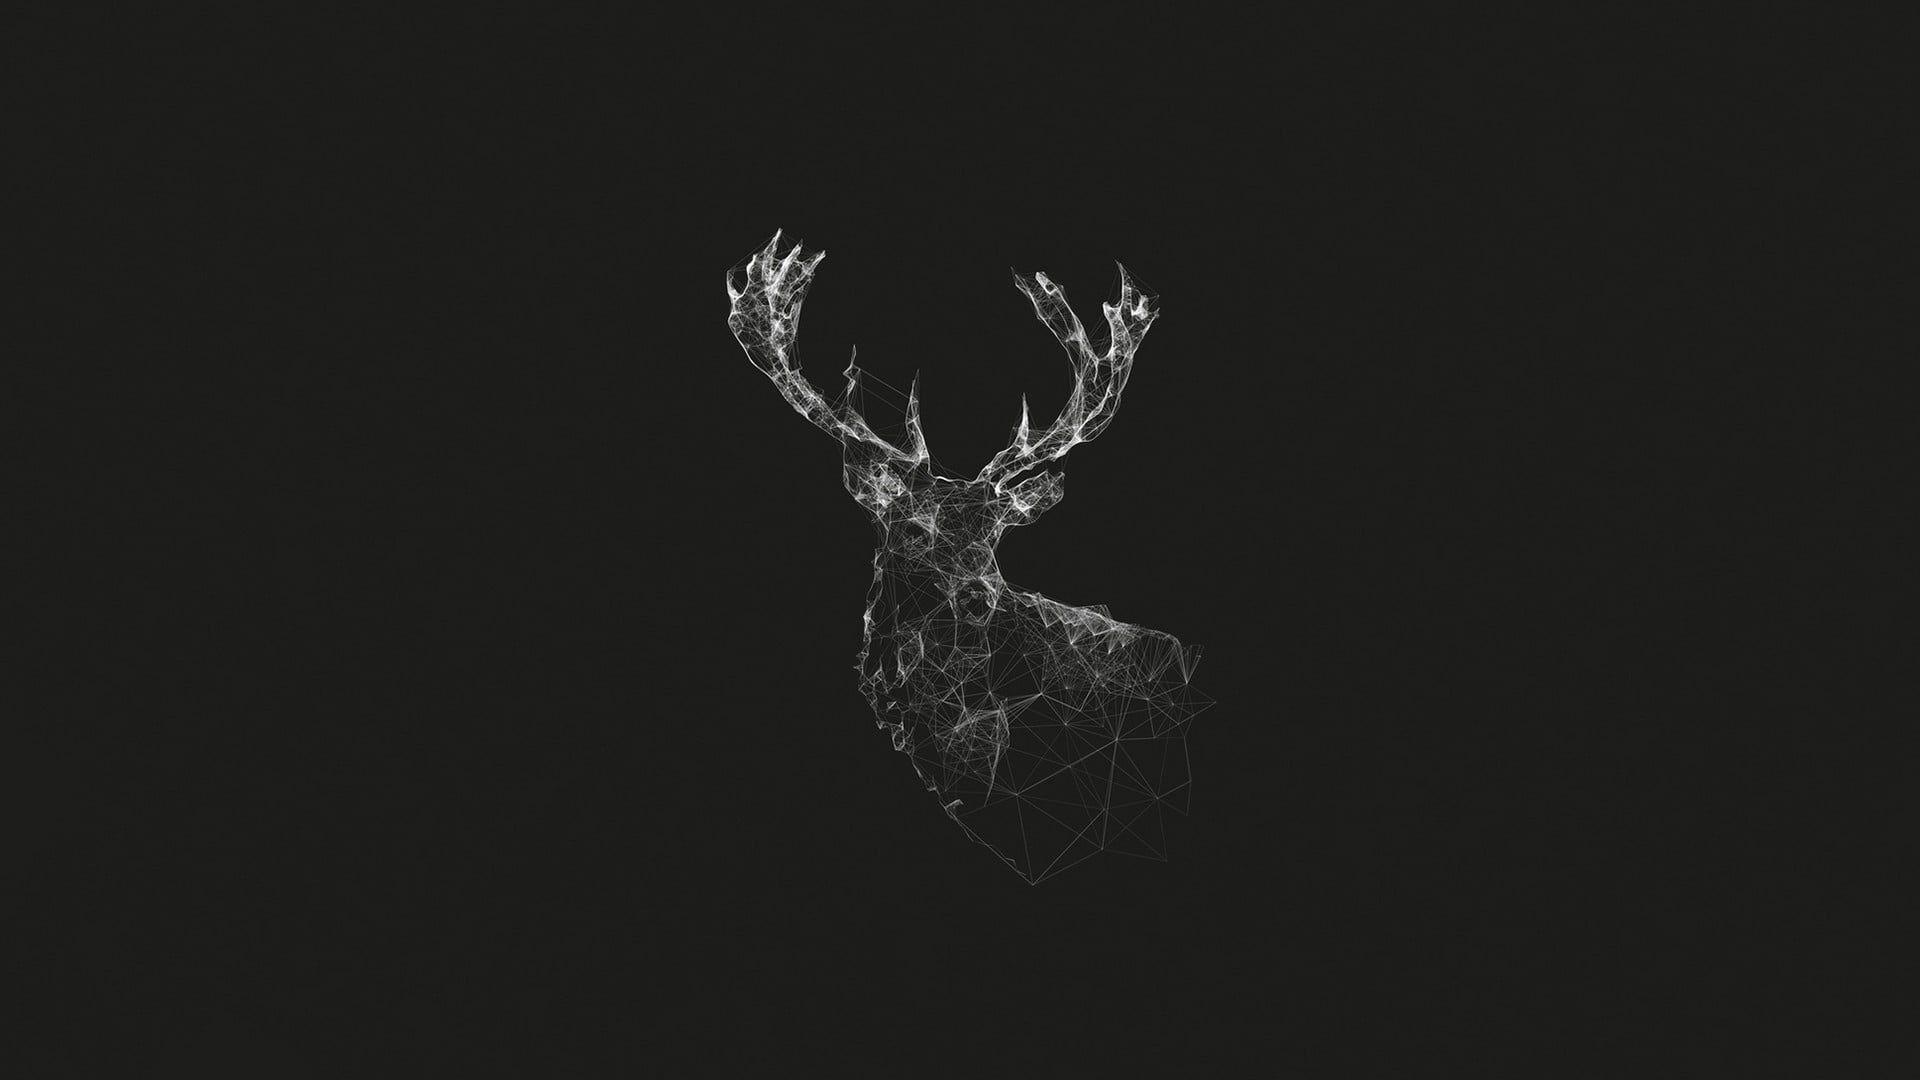 Black Reindeer Illustration Grayscale Illustration Of Reindeer Deer Geometry Wireframe Artwork Monochr In 2020 Deer Wallpaper Wallpaper Pc Cute Desktop Wallpaper